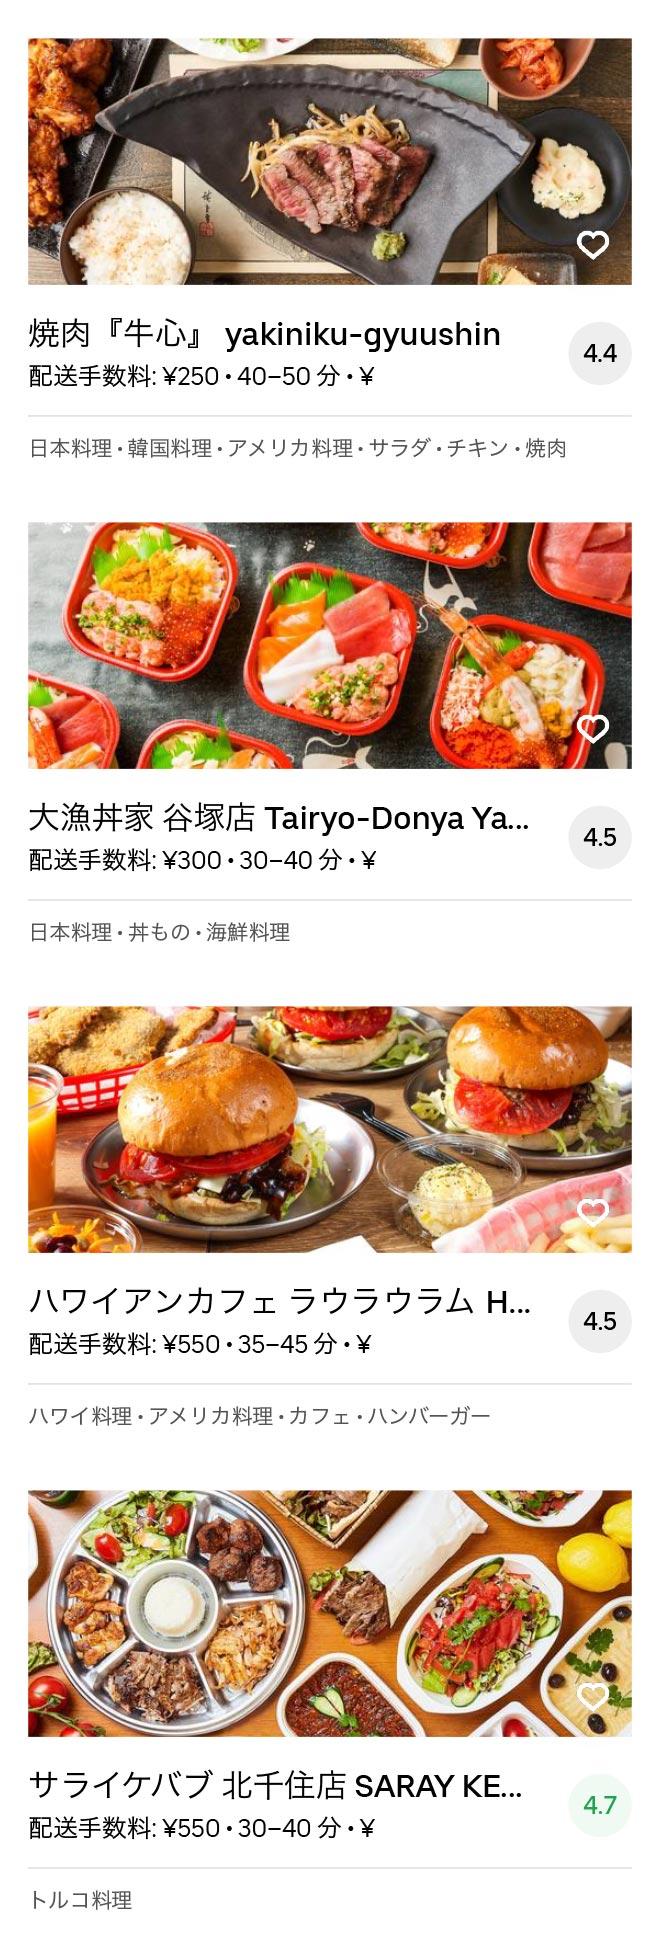 Tokyo takenotsuka menu 2005 10